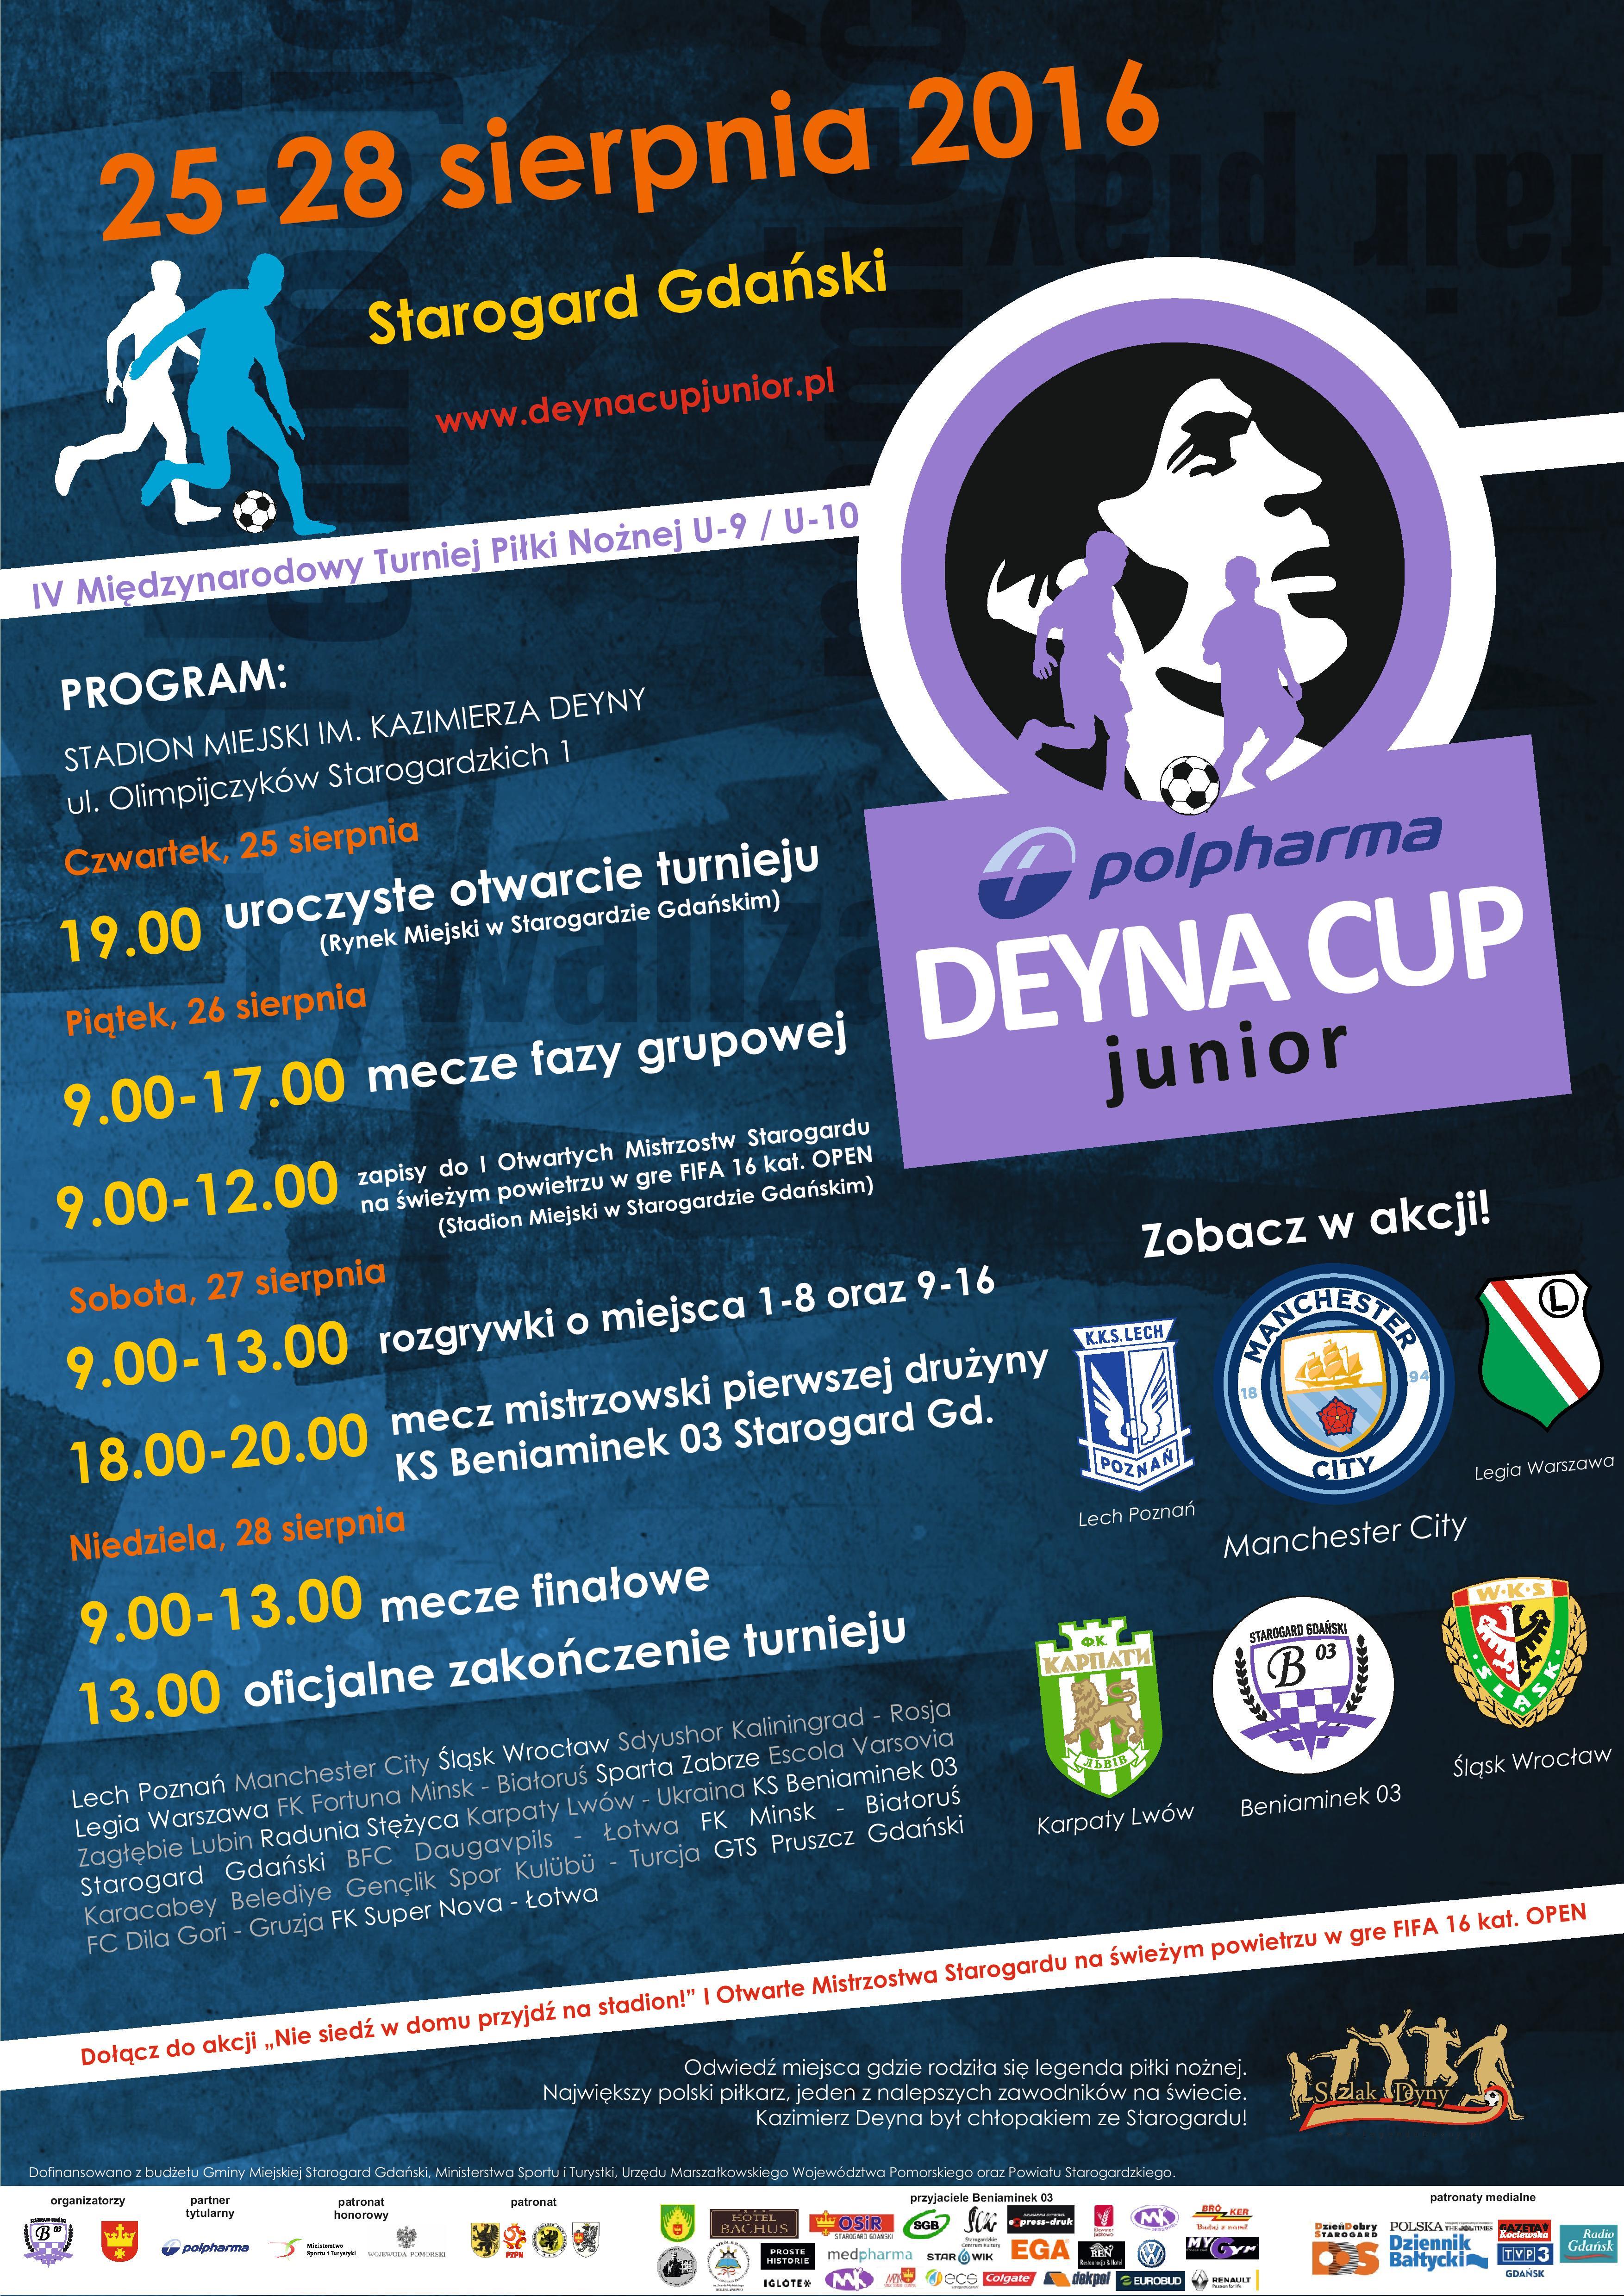 Oficjalny plakat Polpharma Deyna Cup Junior 2016 Starogard Gdański